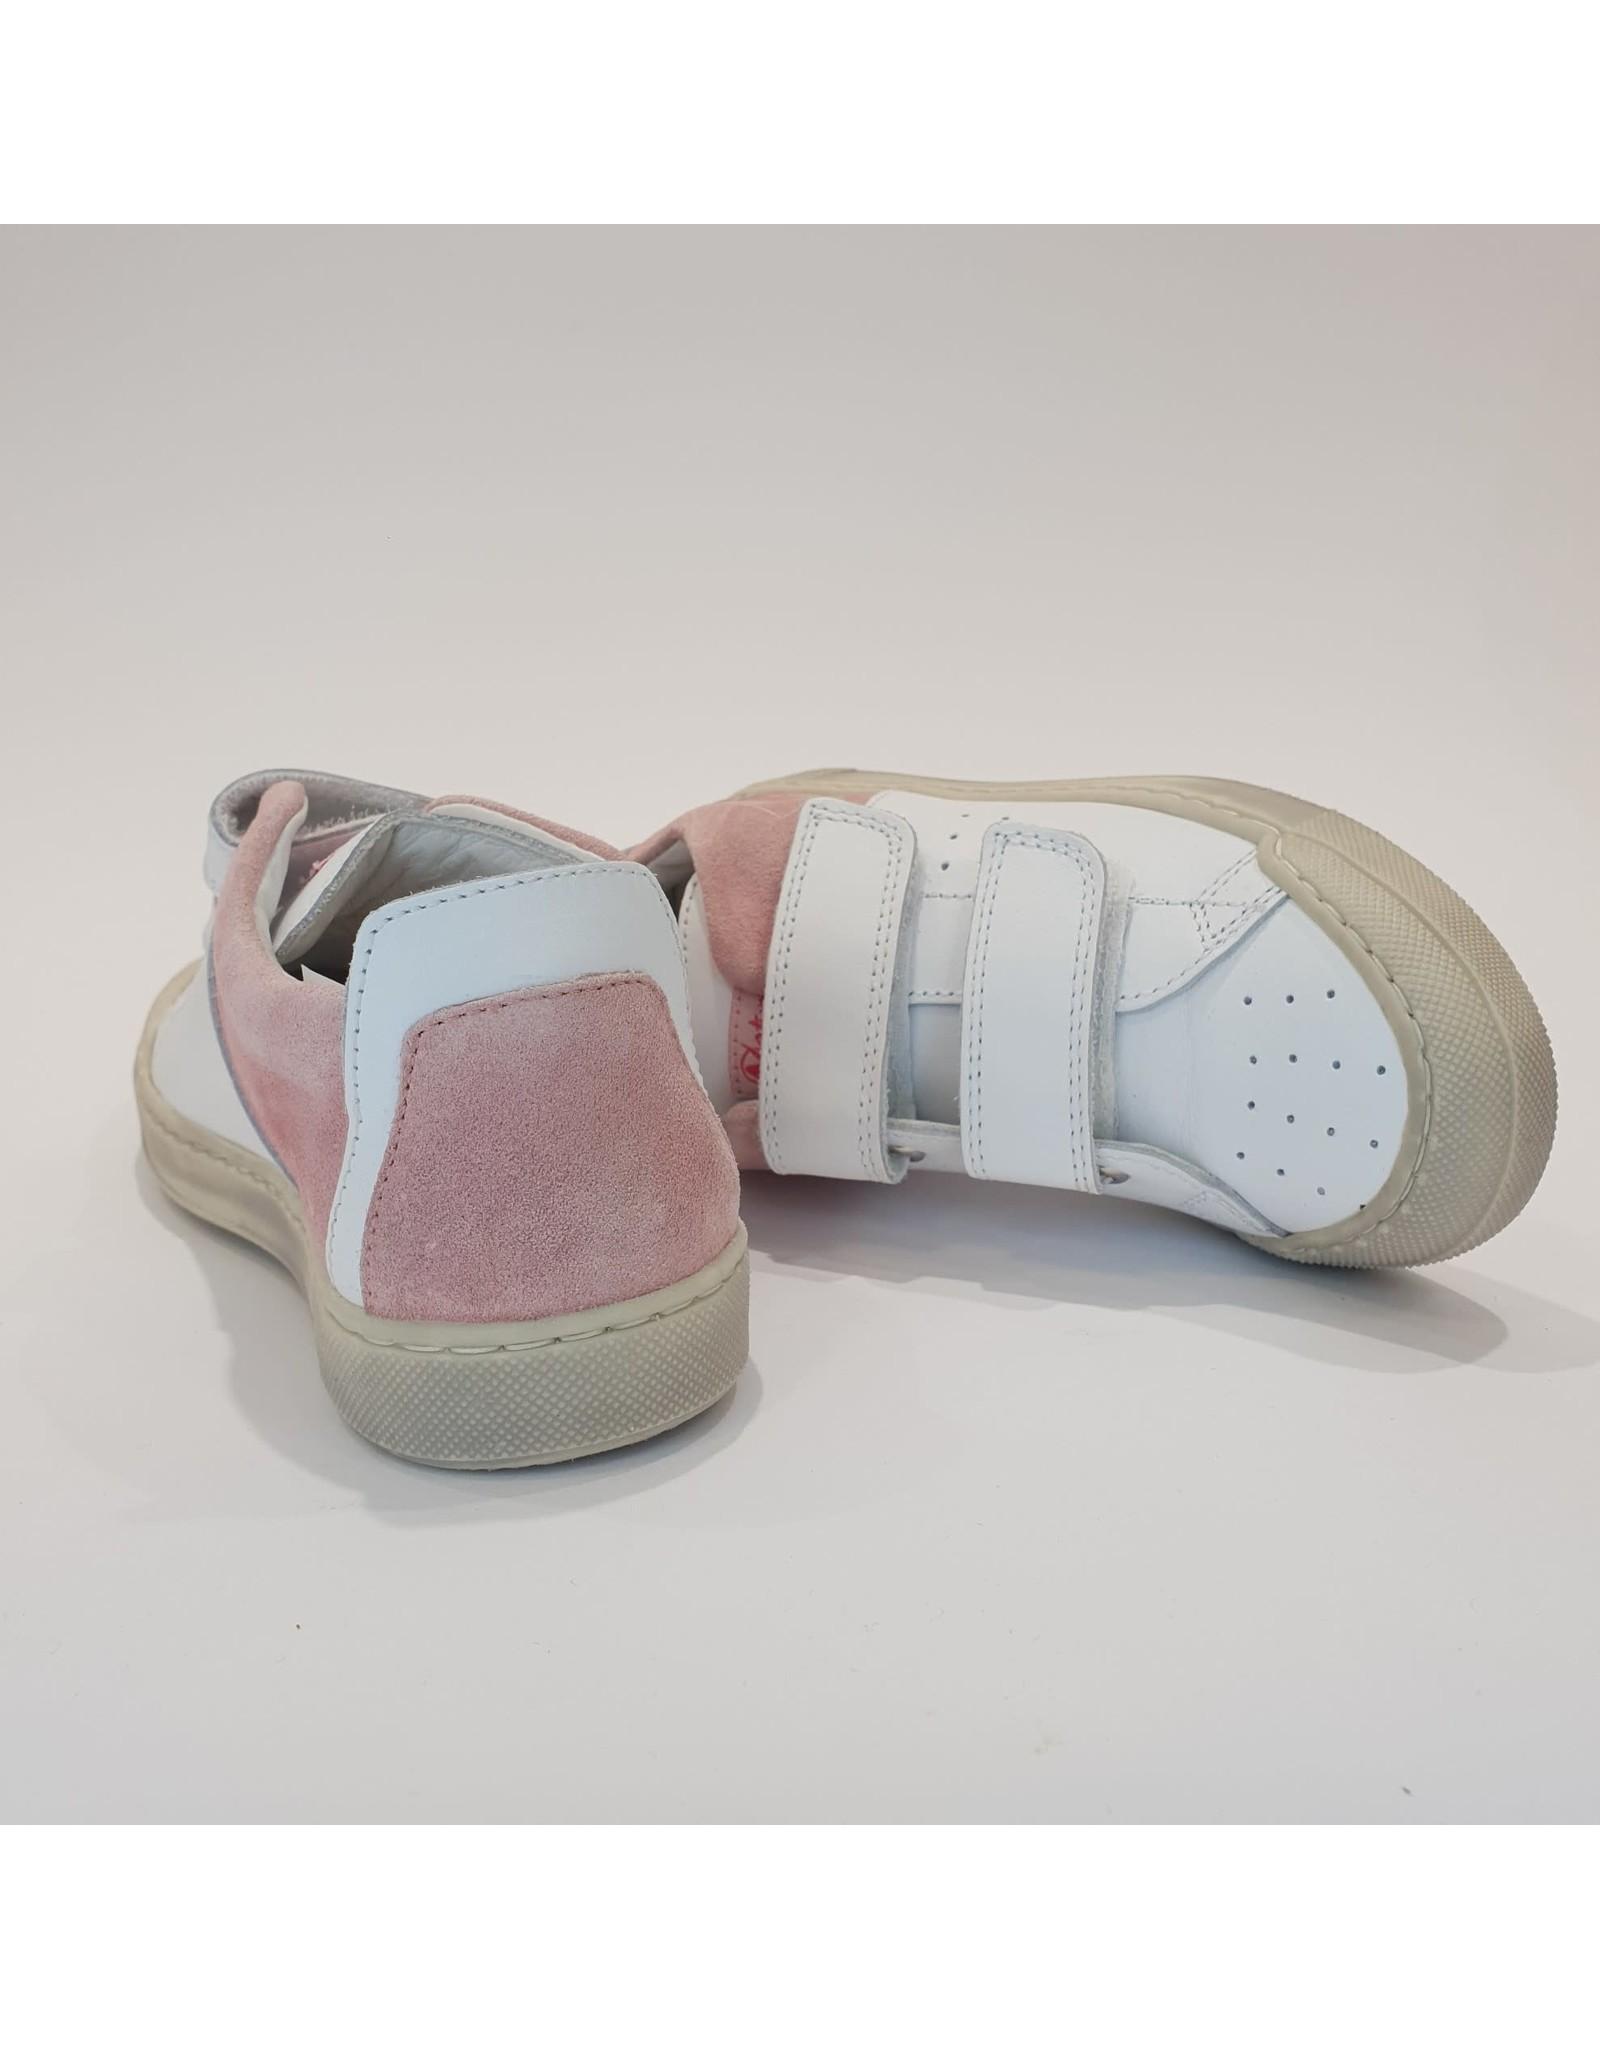 Naturino sneaker velcro white pink